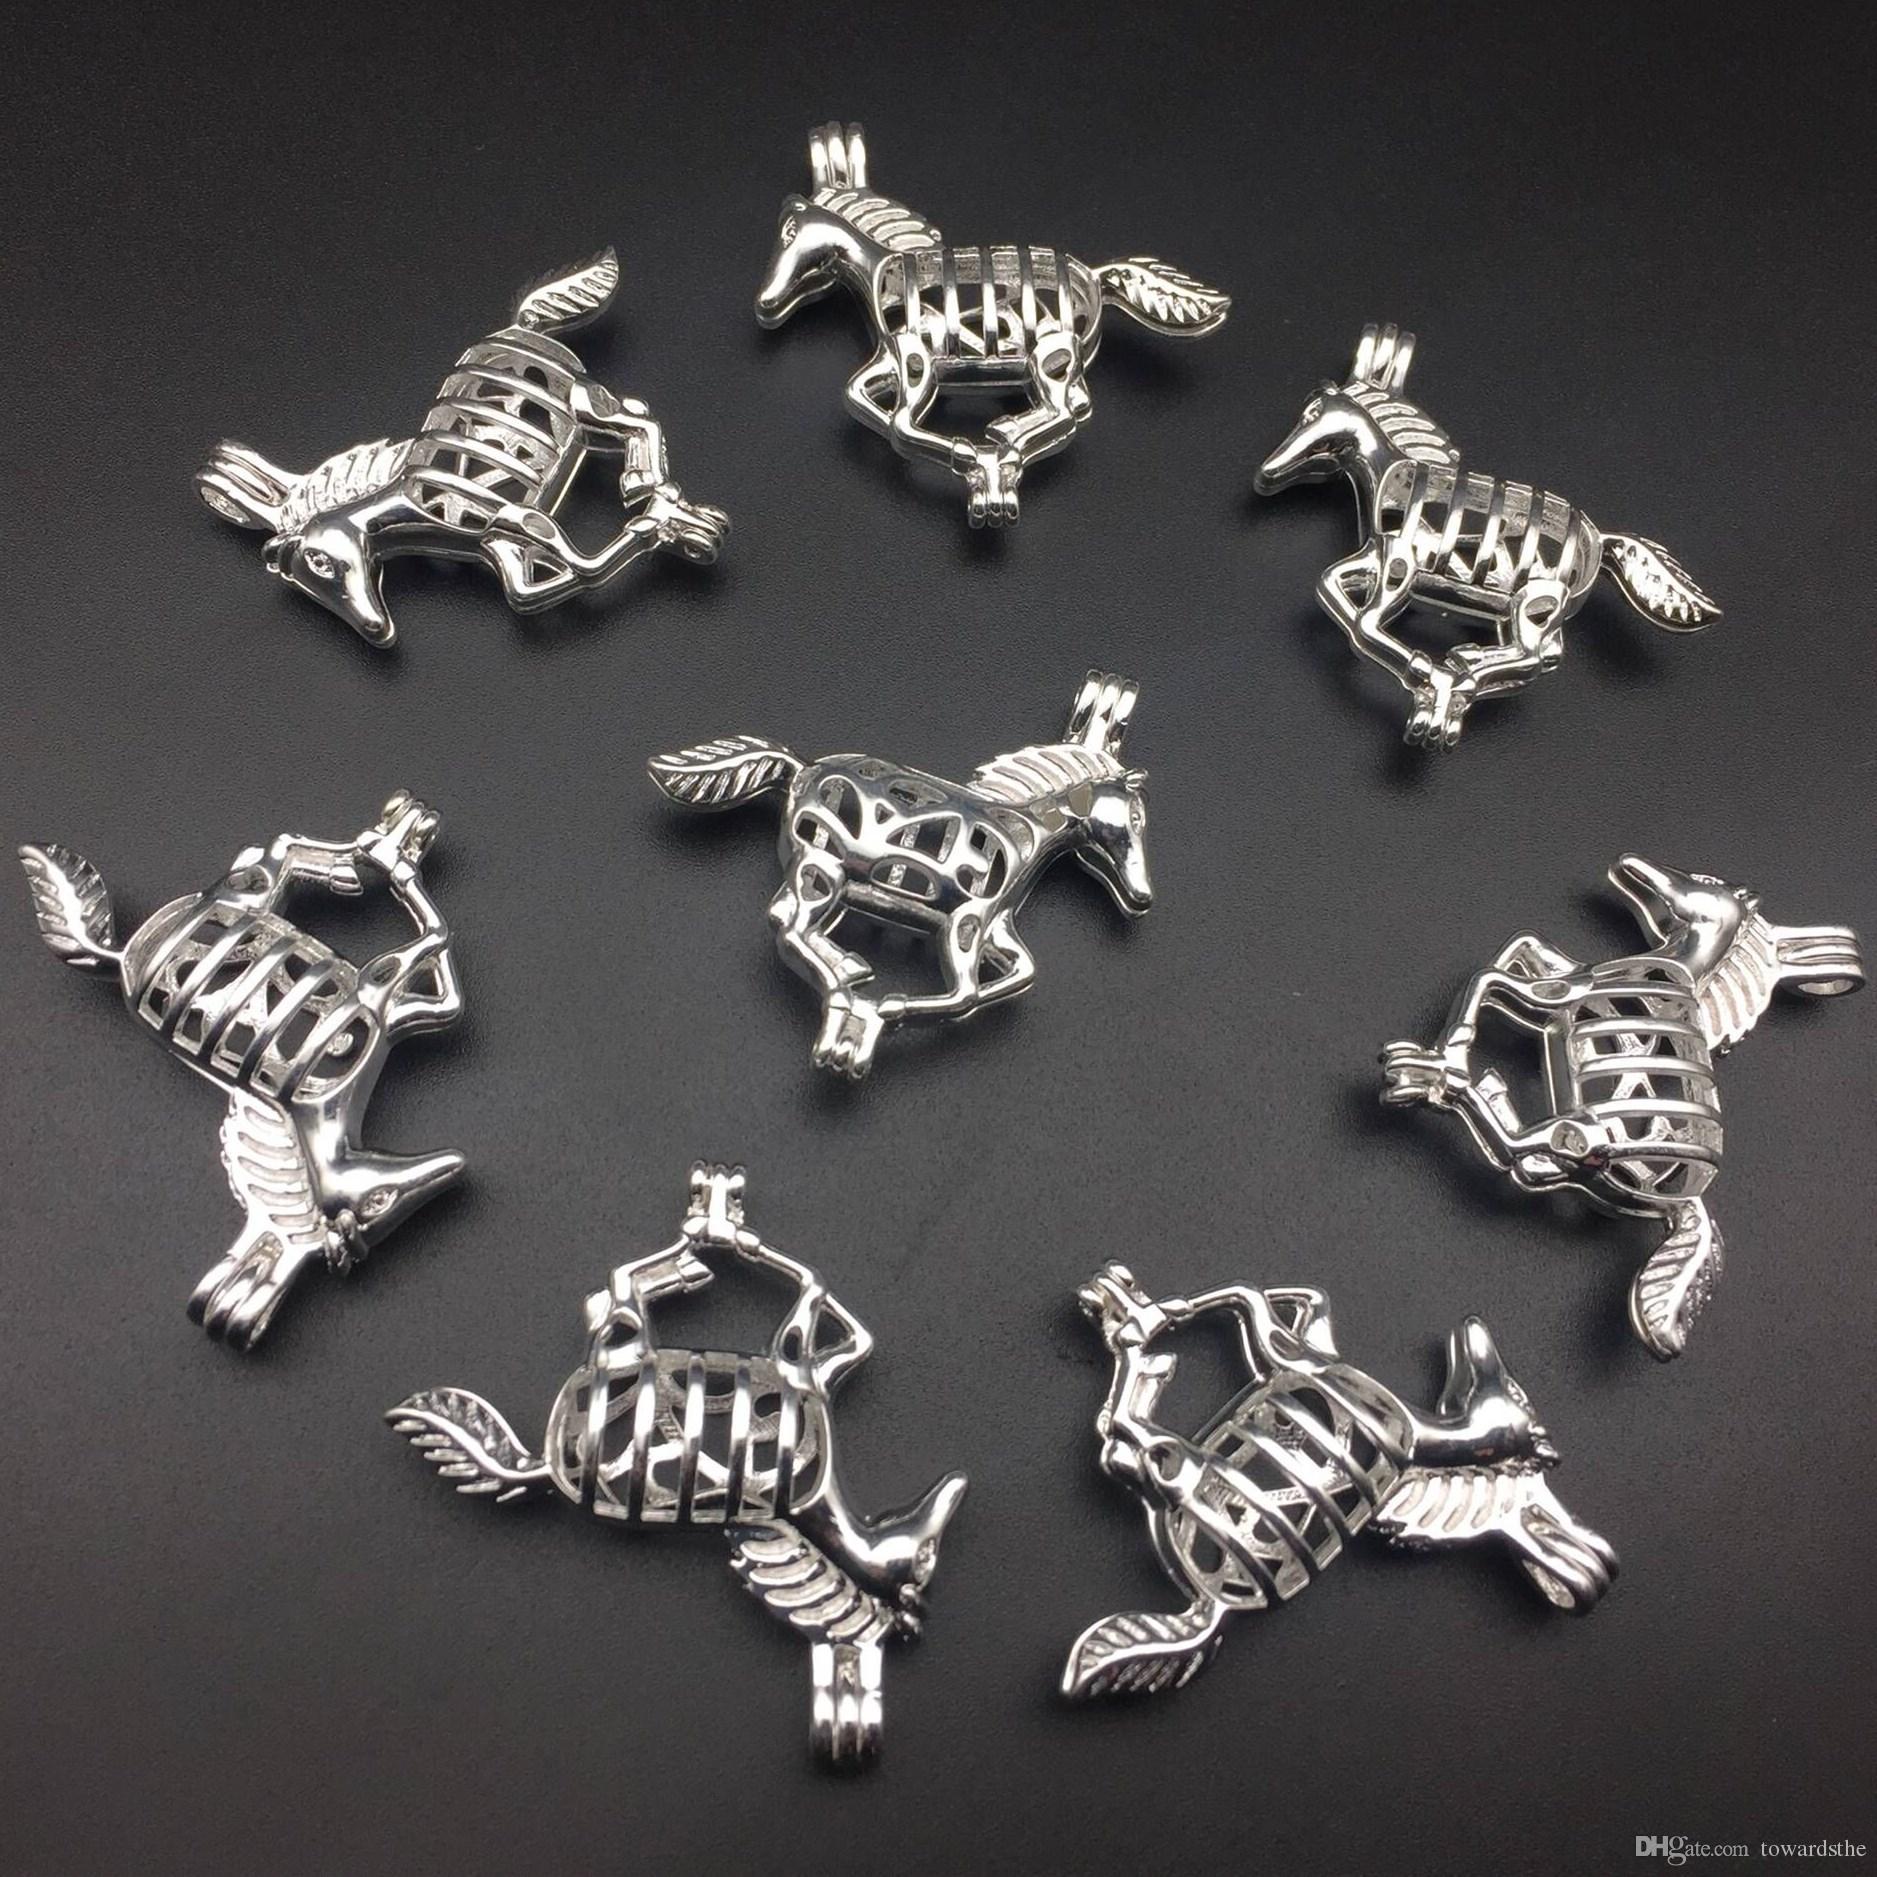 Pearl Cage Halskette Anhänger, ätherisches Öl Diffusor, Pferd versilbert 8 PC, fügen Sie Ihre eigene Perle, um es attraktiver zu machen